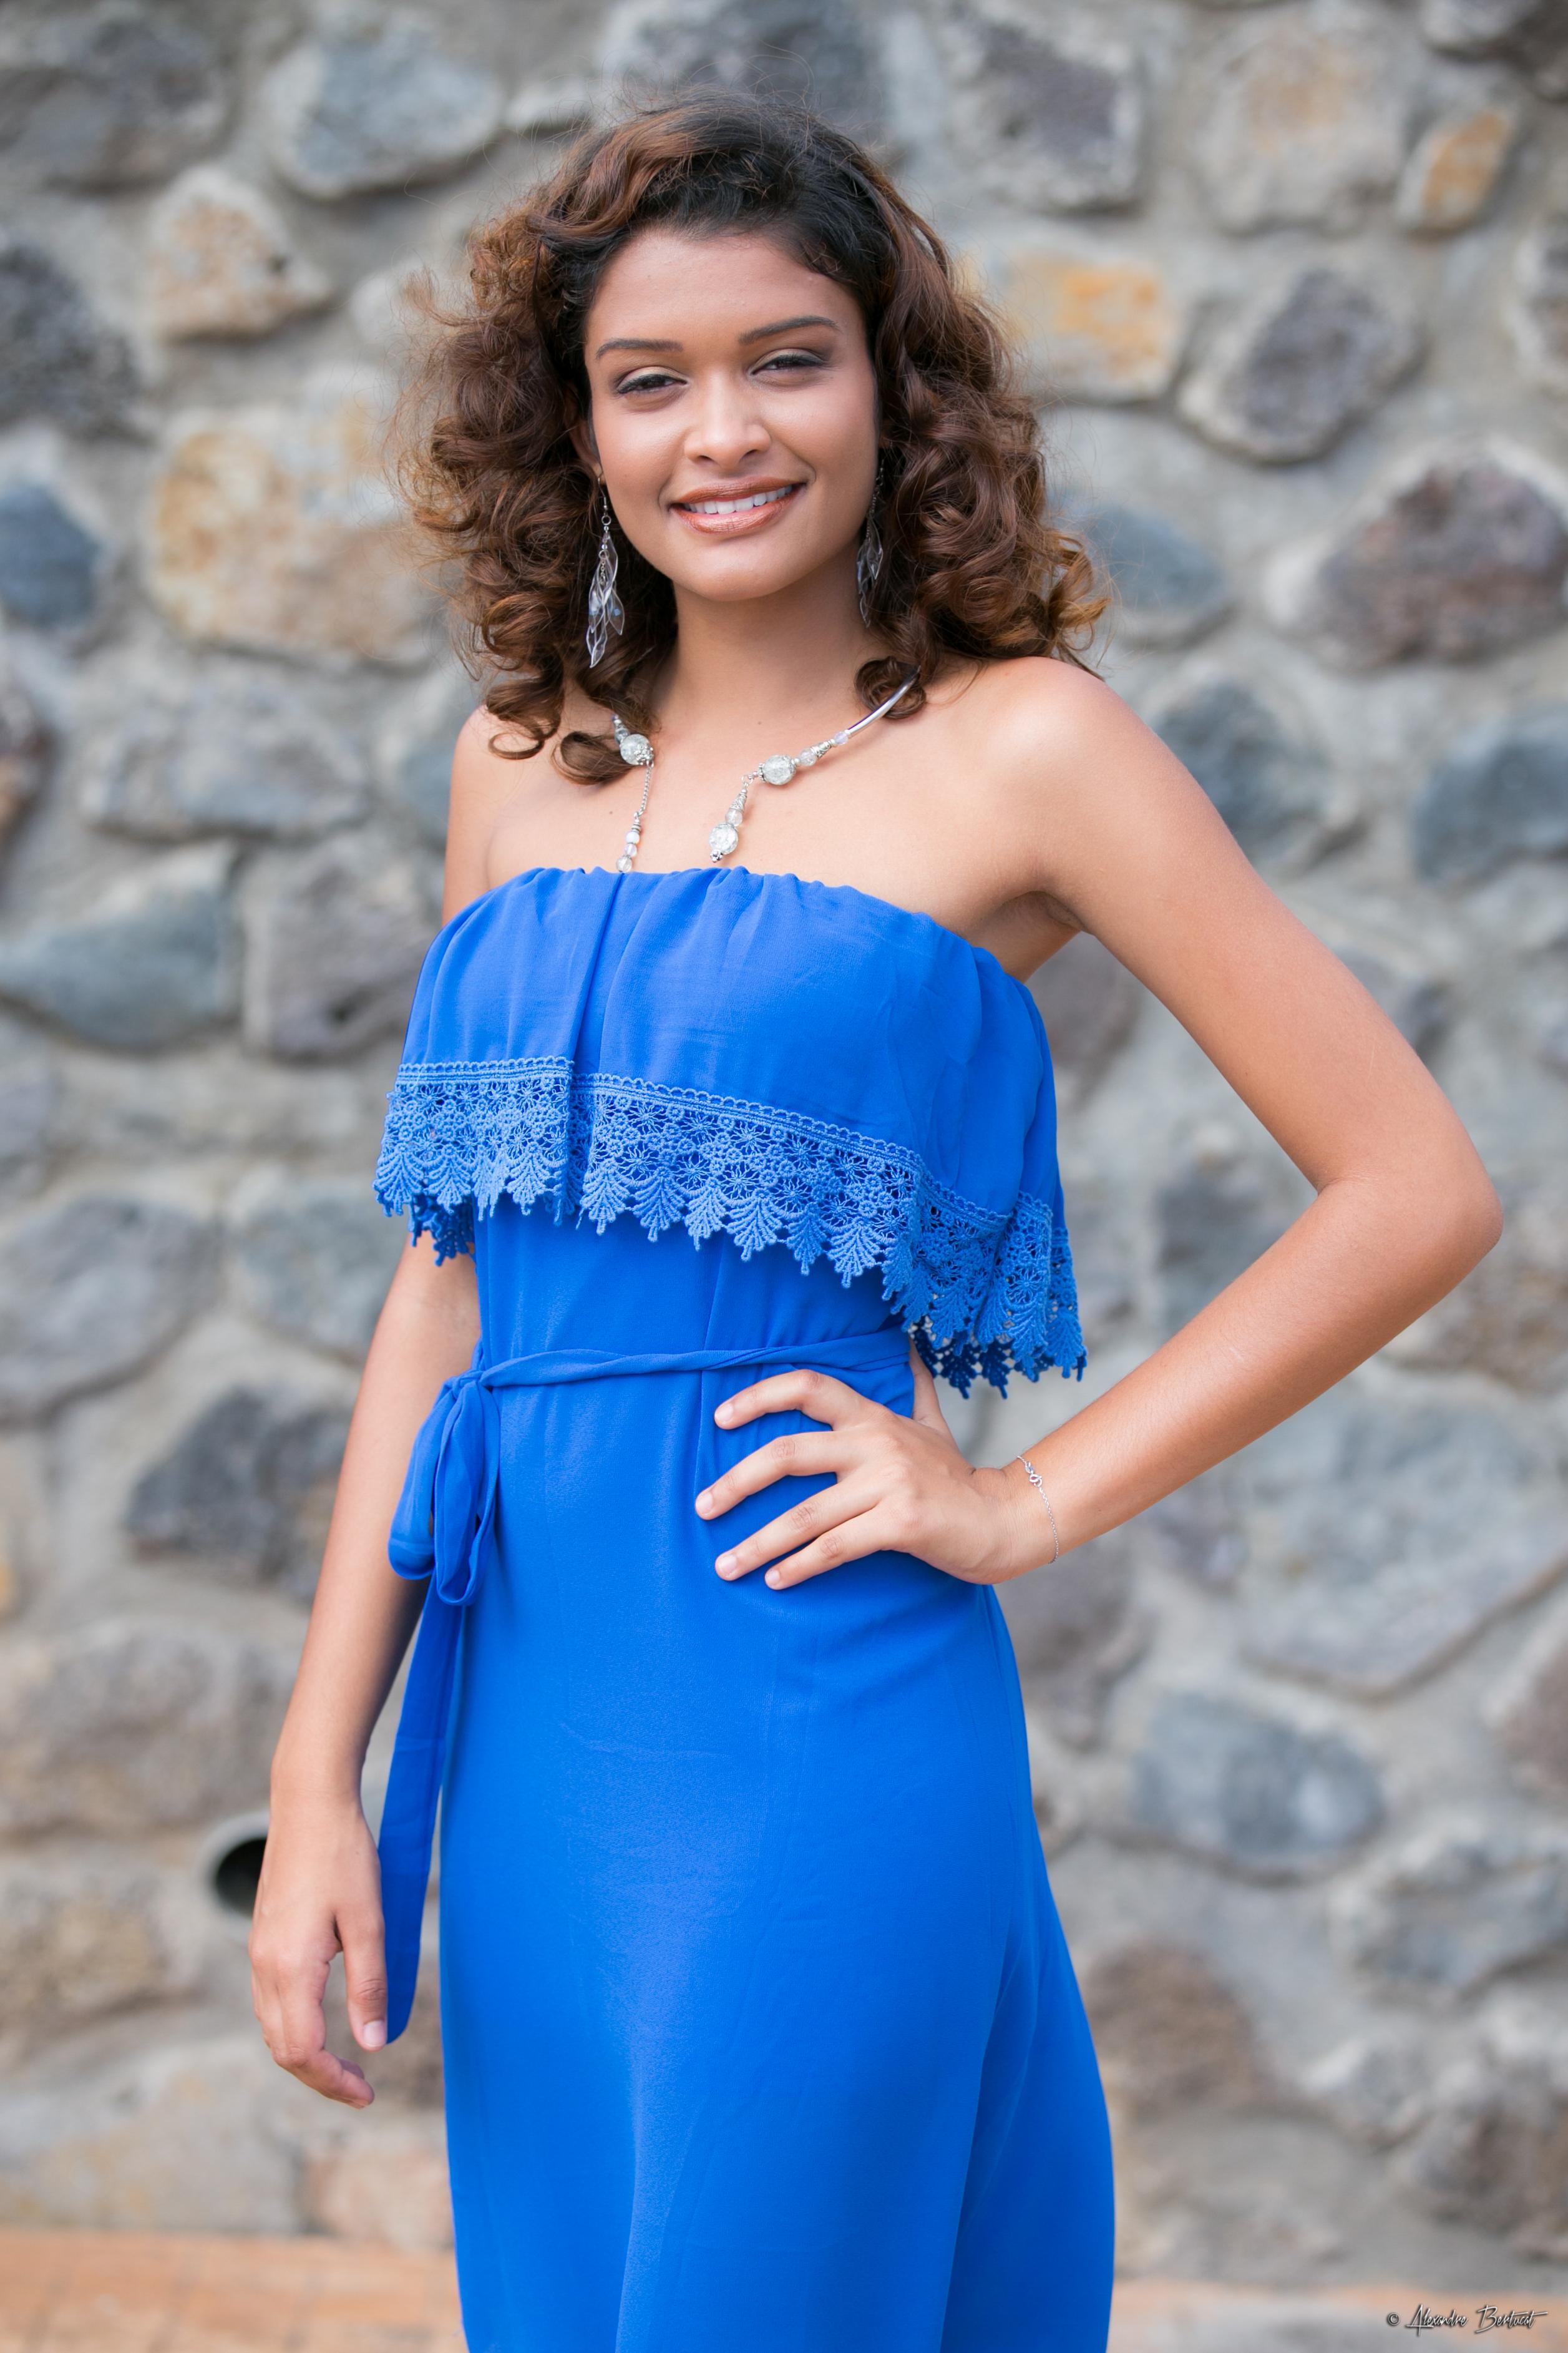 6 - Manon Vincelot